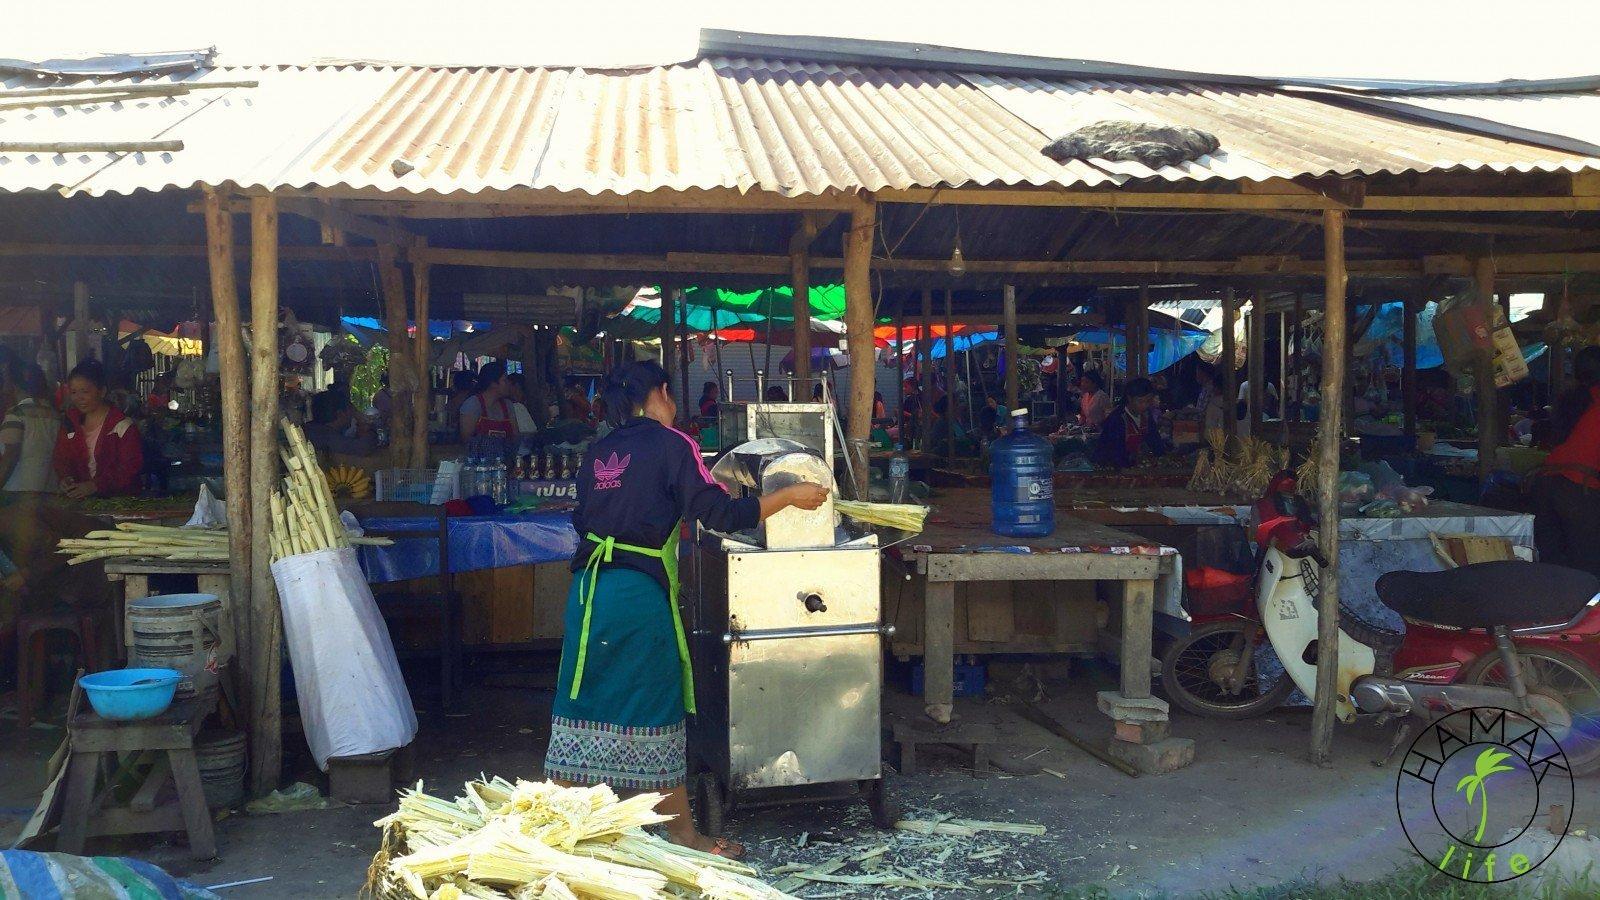 Produkcja soku z trzciny cukrowej w Laosie na targu w okolicach Vang Vieng.